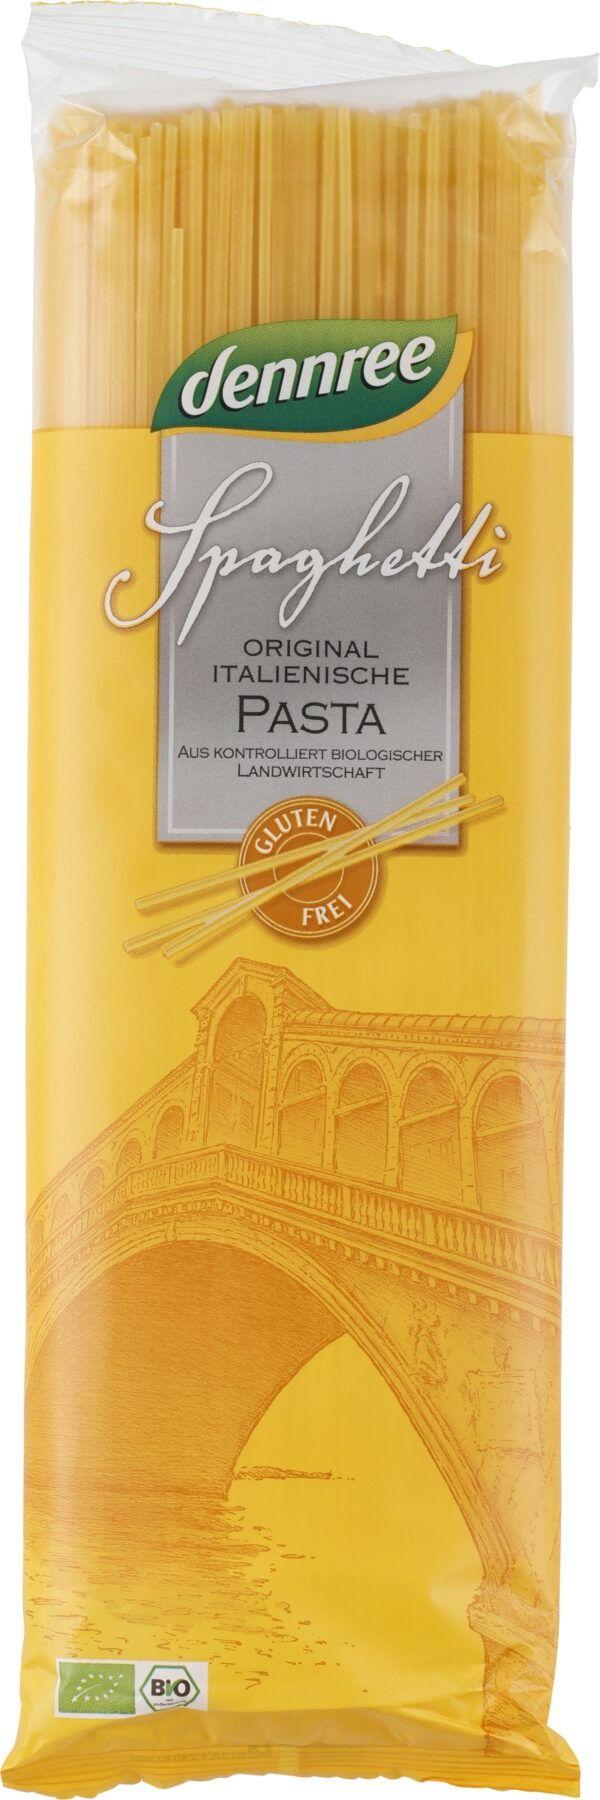 dennree Glutenfreie Spaghetti aus Mais- und Reismehl 12x500g